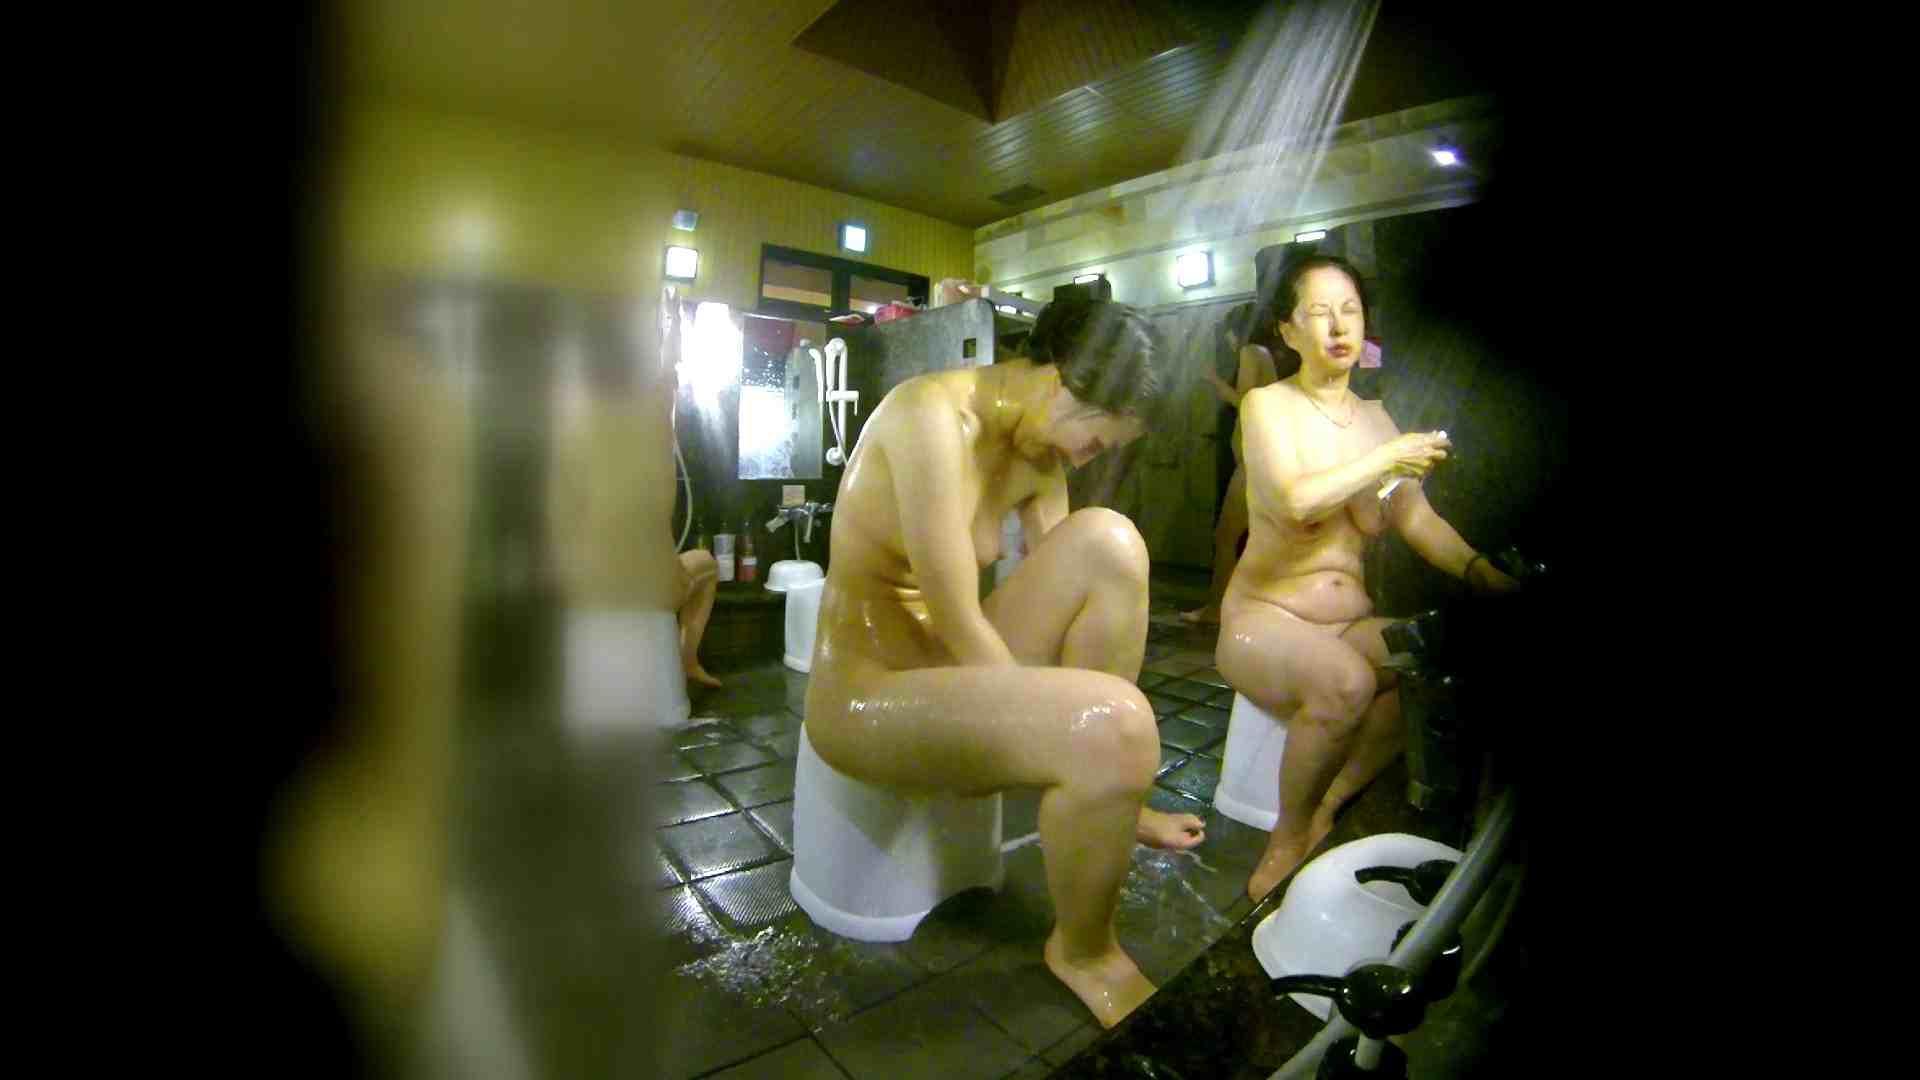 洗い場!右足の位置がいいですね。陰毛もっさり! 銭湯着替え  111画像 56